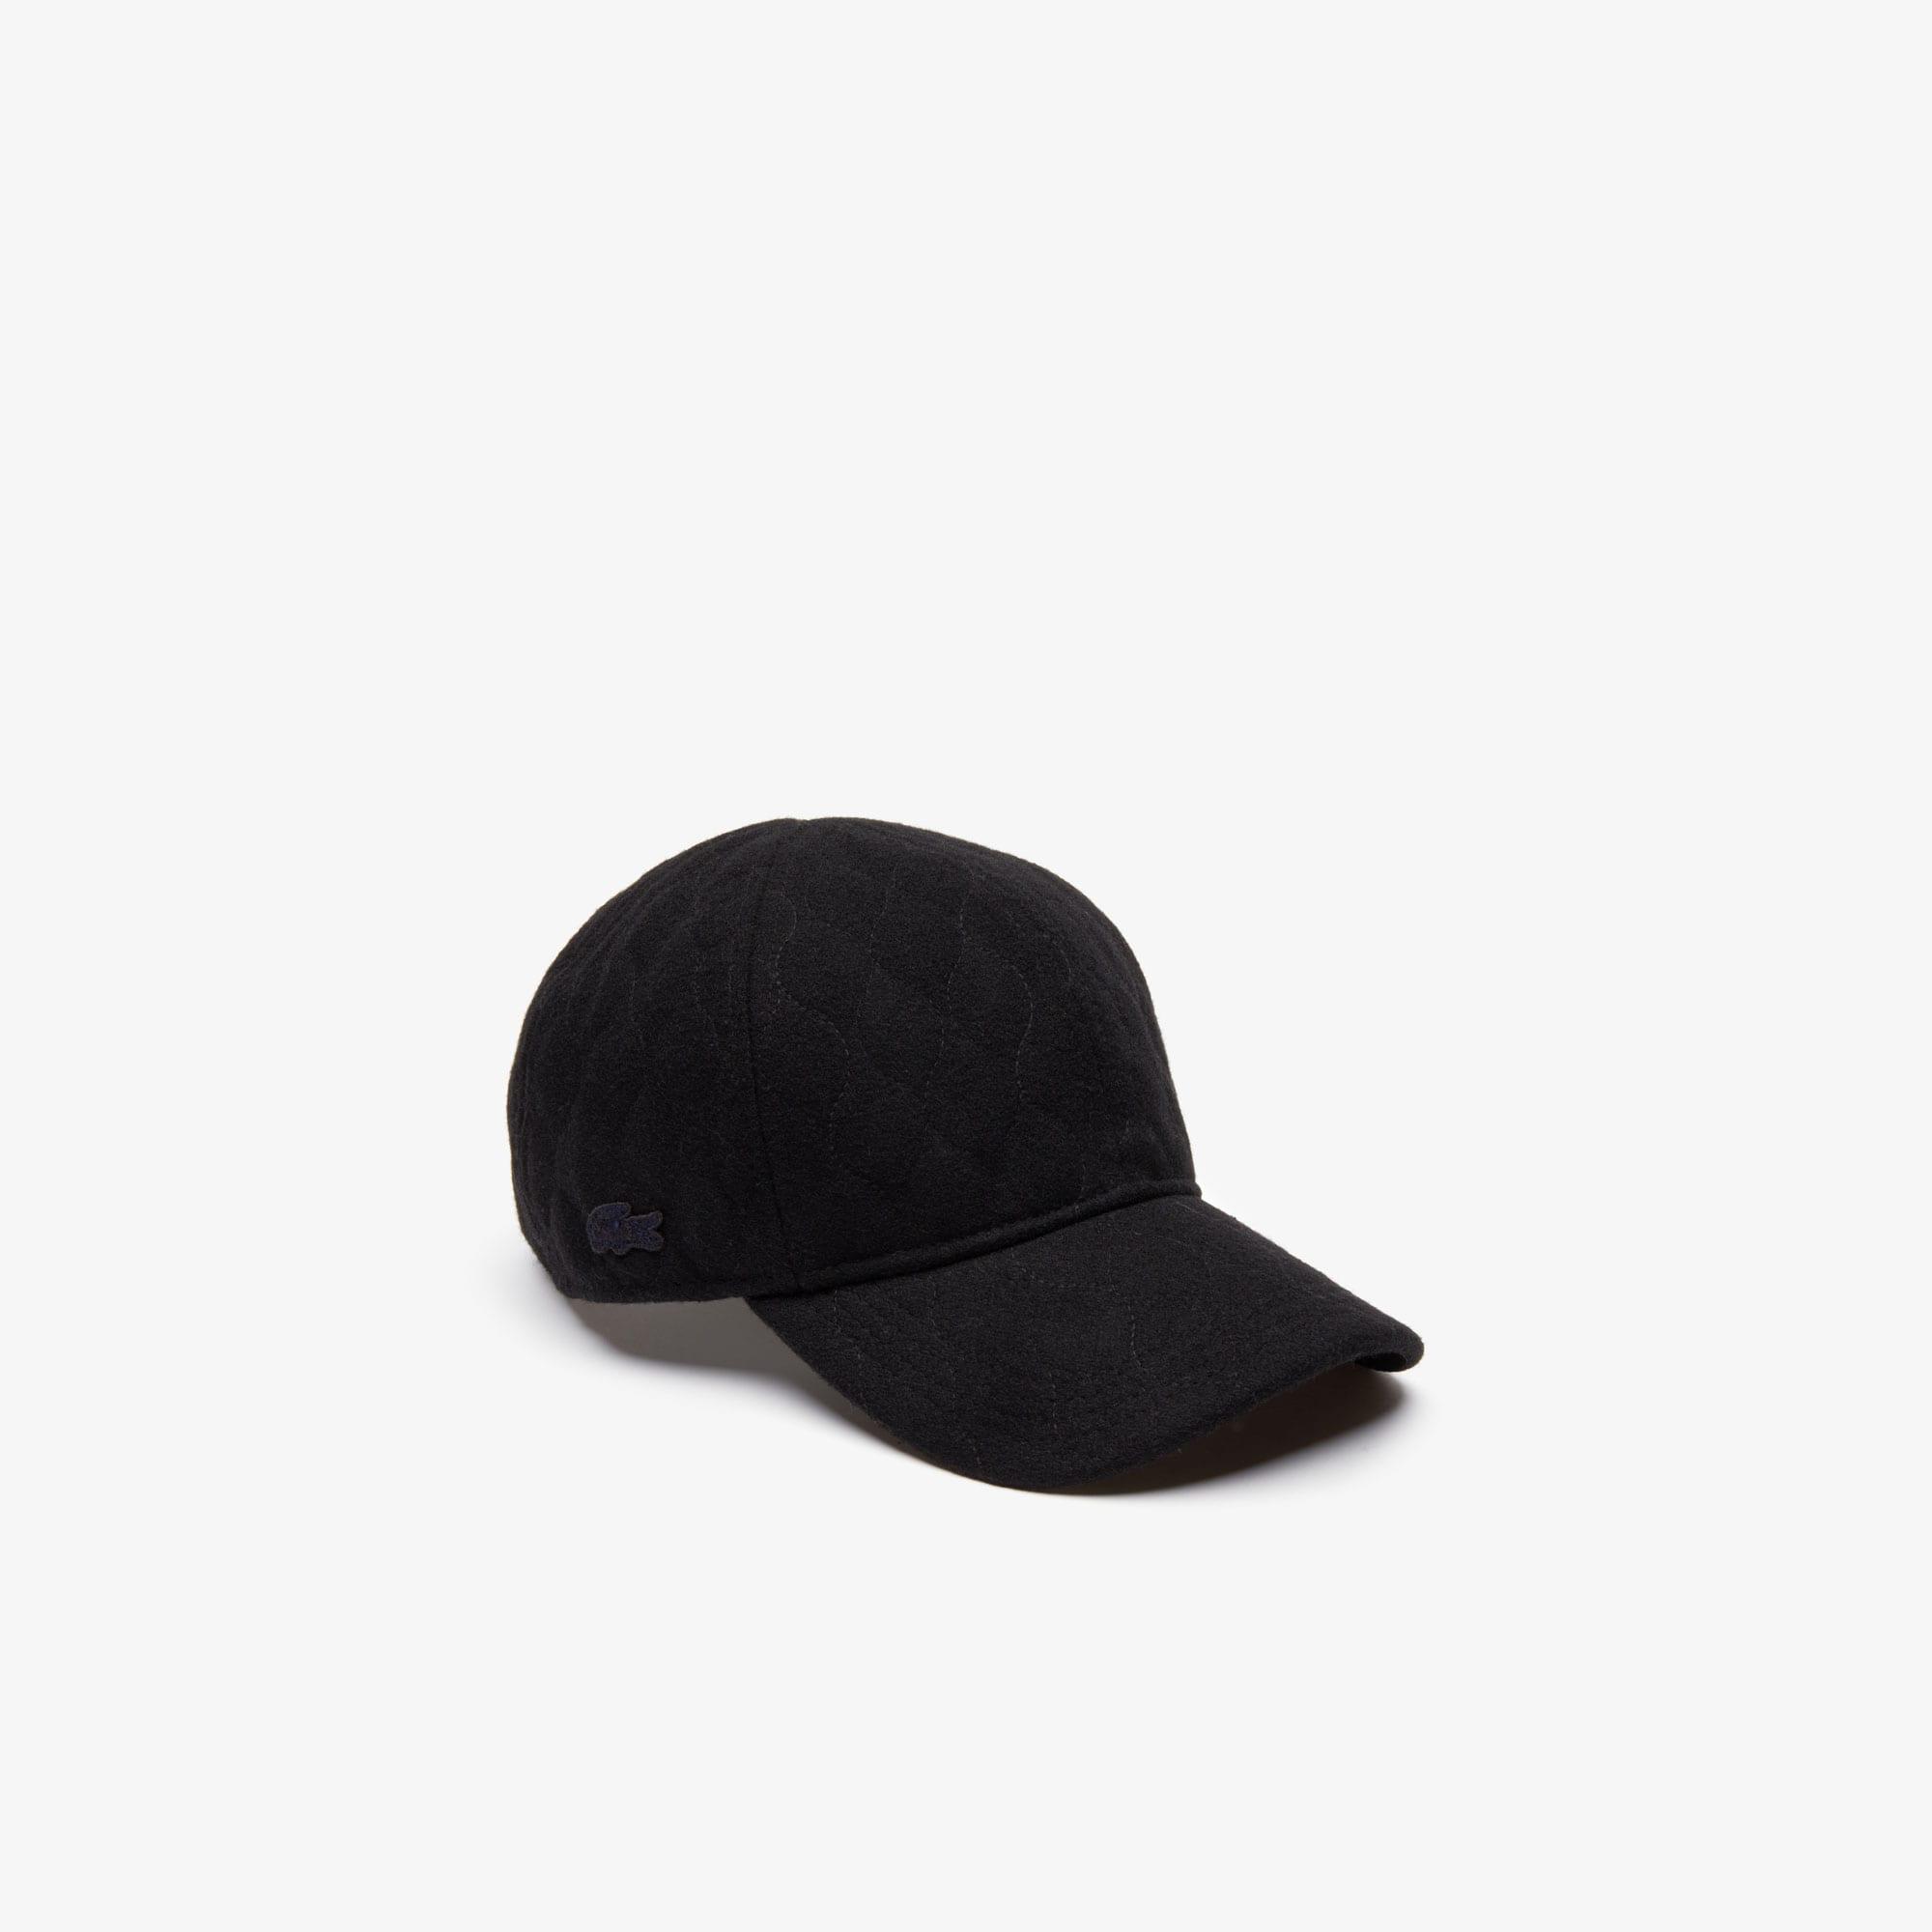 1f12e116306f9 Caps & Hats | Men's Accessories | LACOSTE